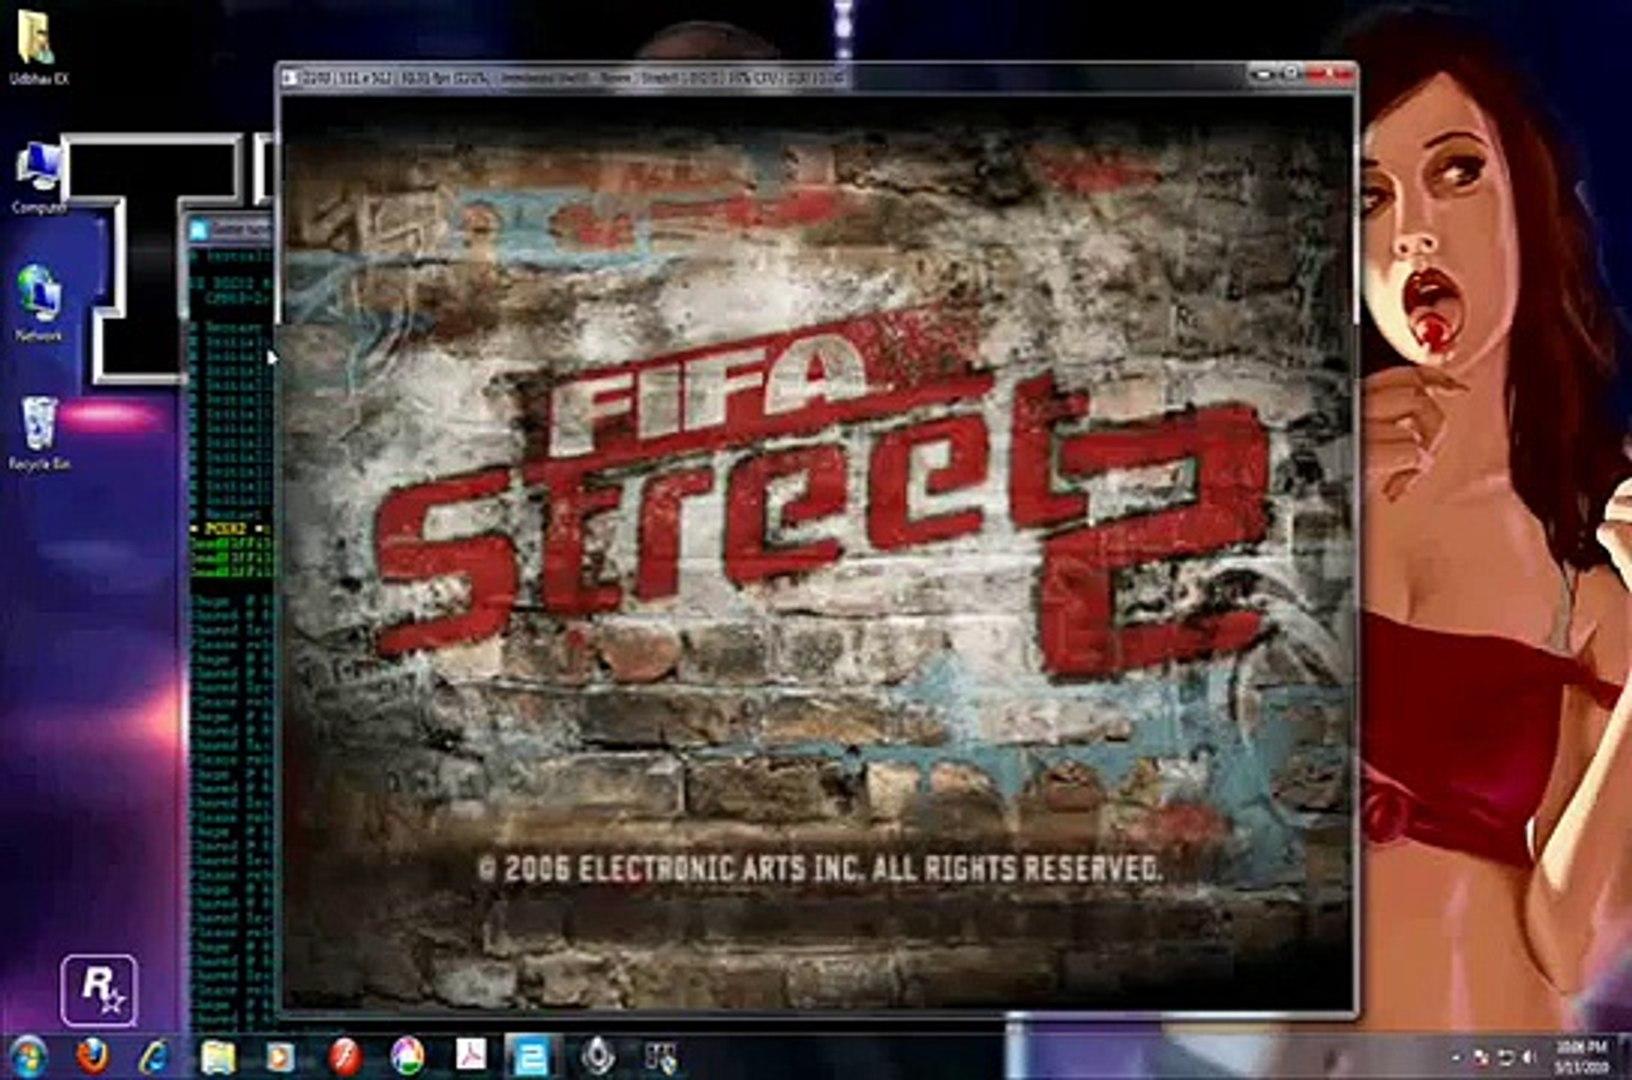 PCSX2 - FIFA Street 2 (100% Full Speed) Running on PC